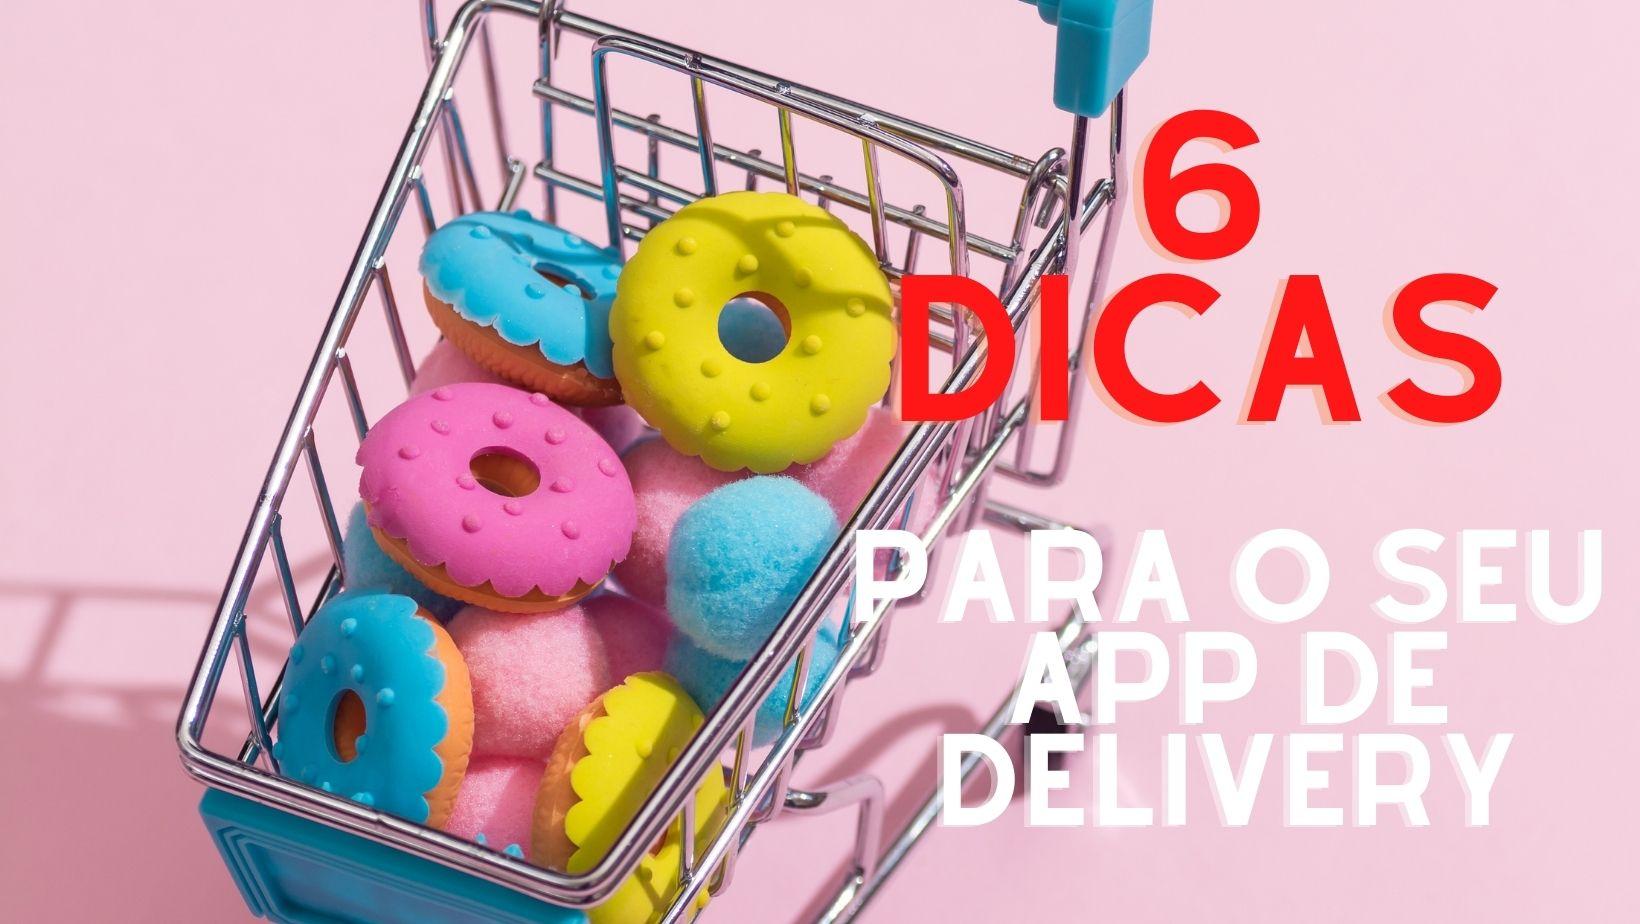 6 dicas para o seu App de Delivery